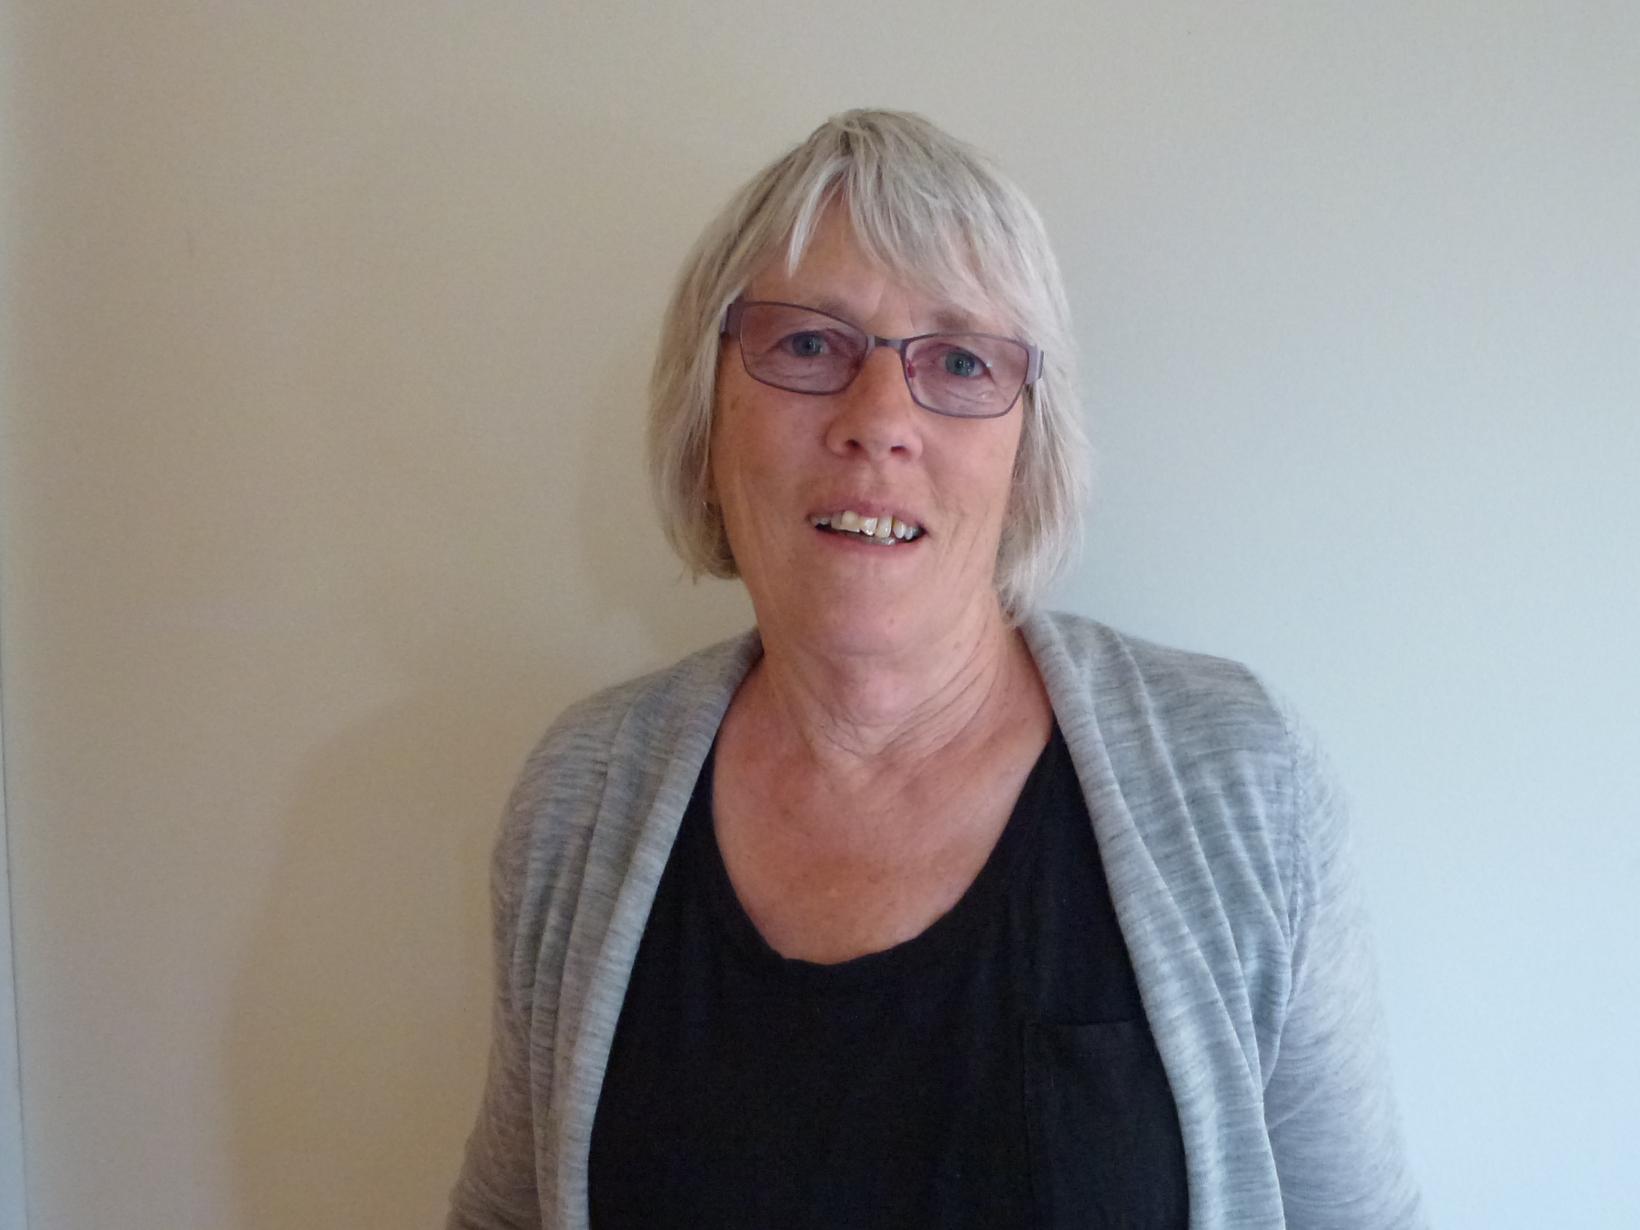 Kay from Kaikoura, New Zealand